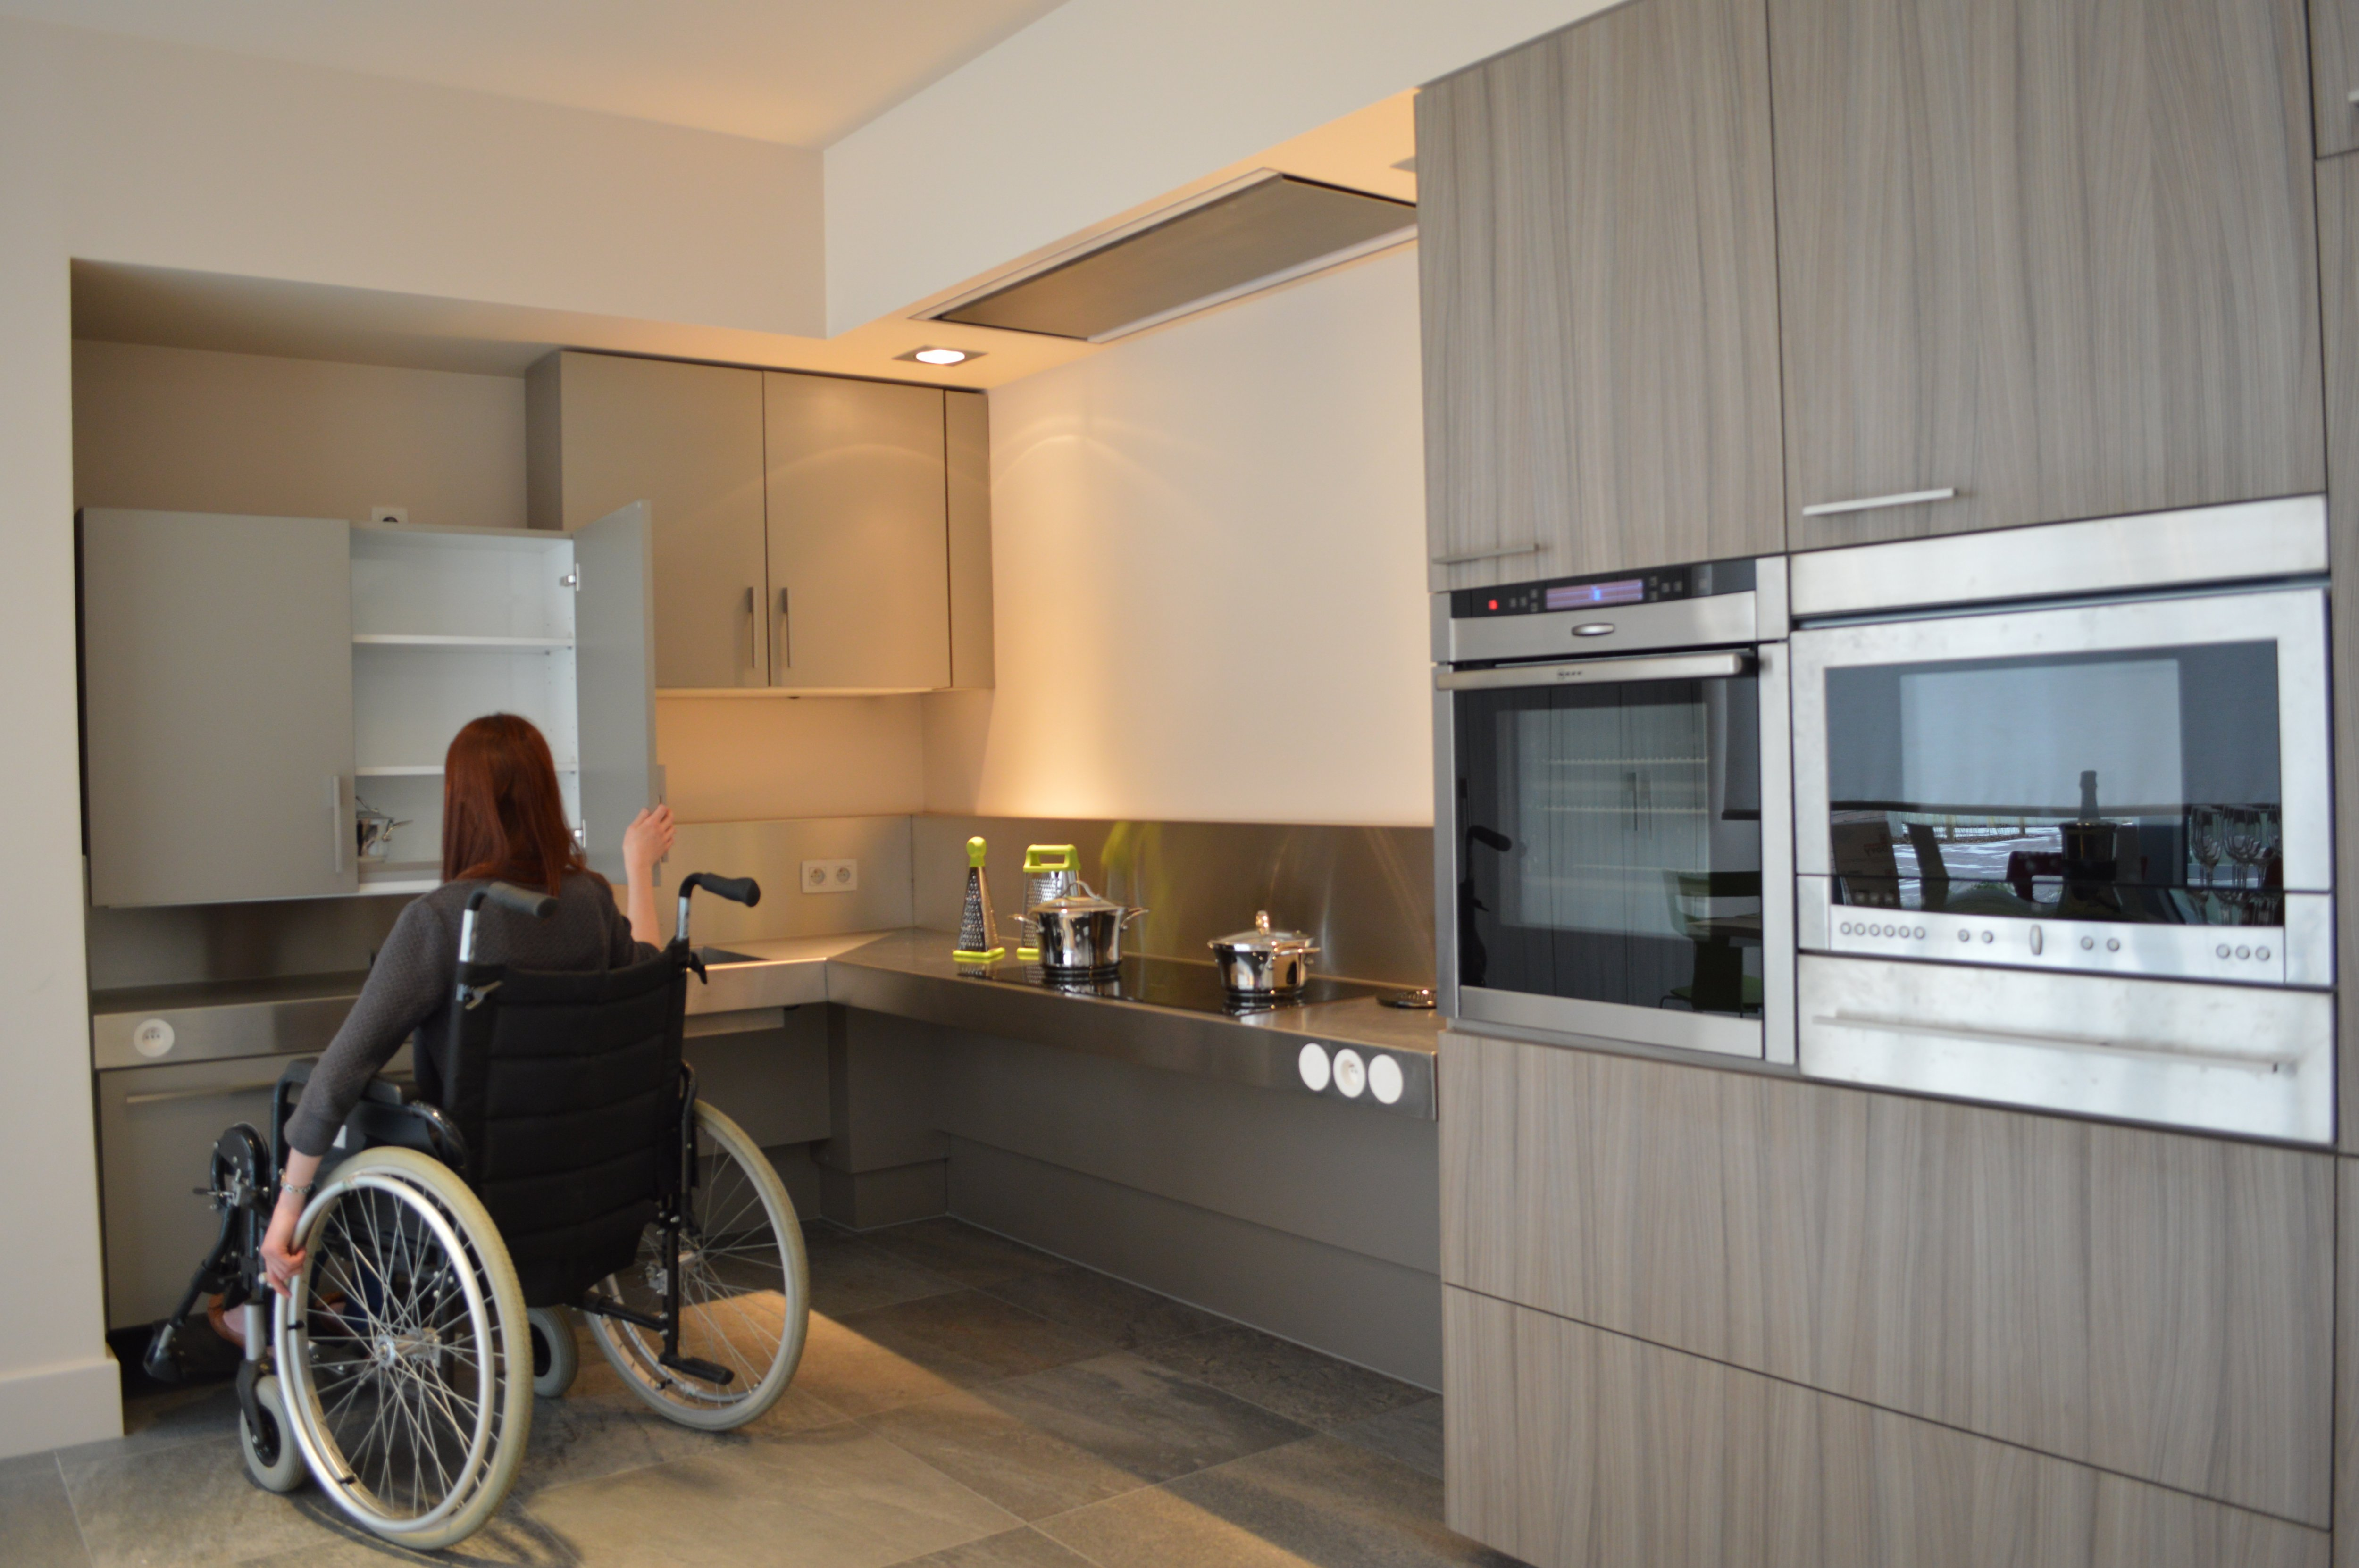 Dovy Keukens Contact : Keukens voor mensen met een beperking Dovy keukens